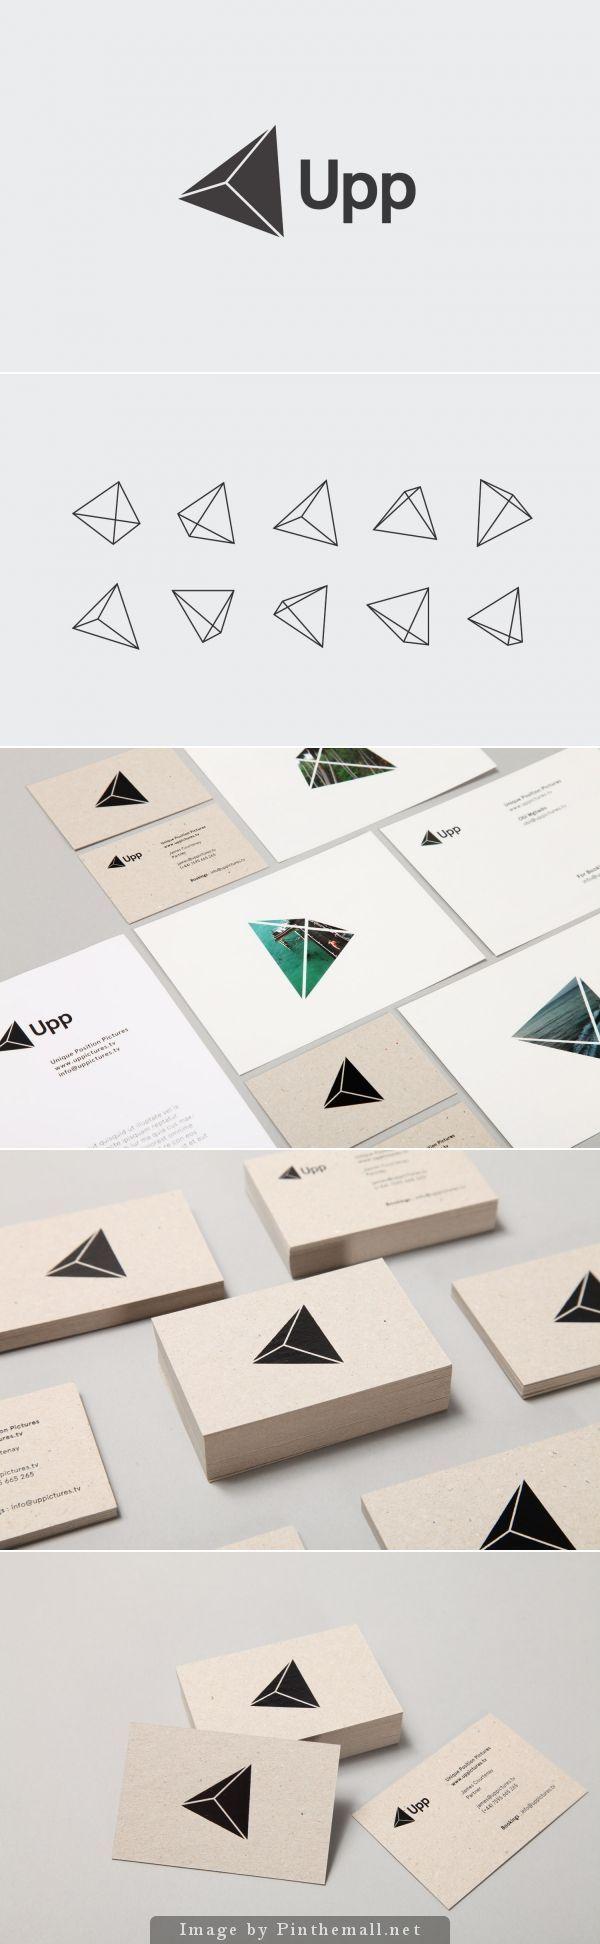 Upp #branding #brand #design